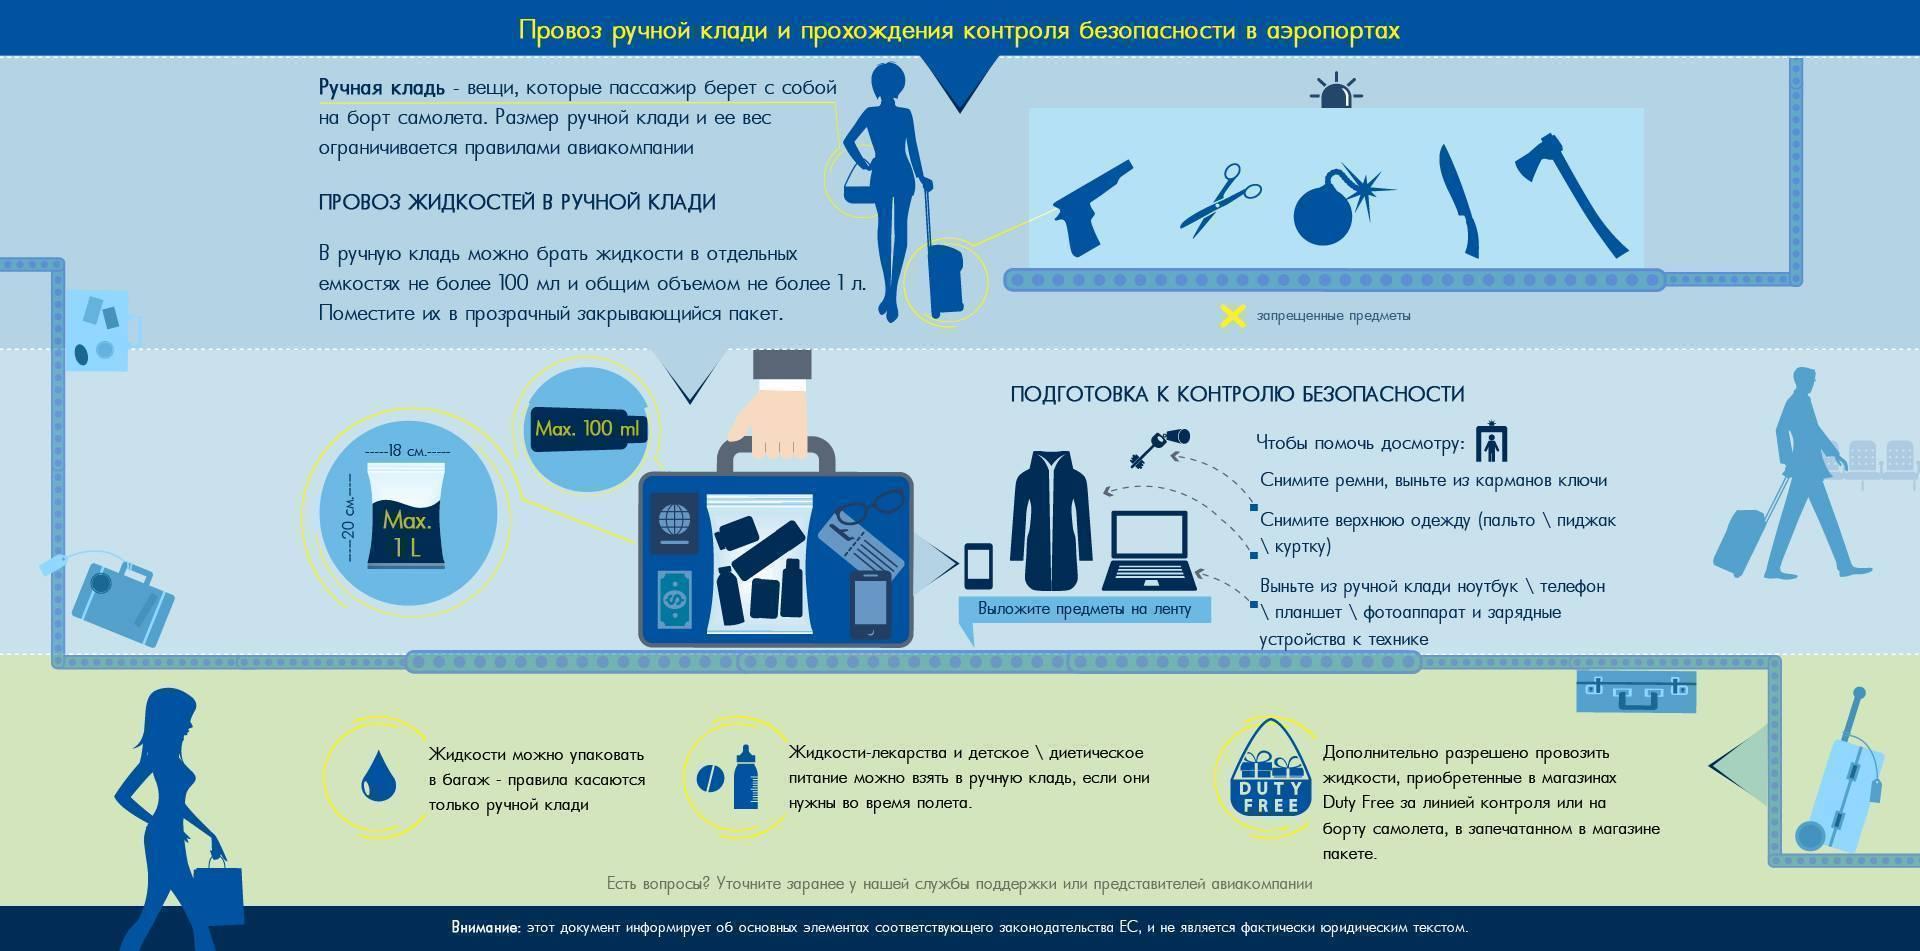 Багаж и ручная кладь в самолёте: что и как можно провозить